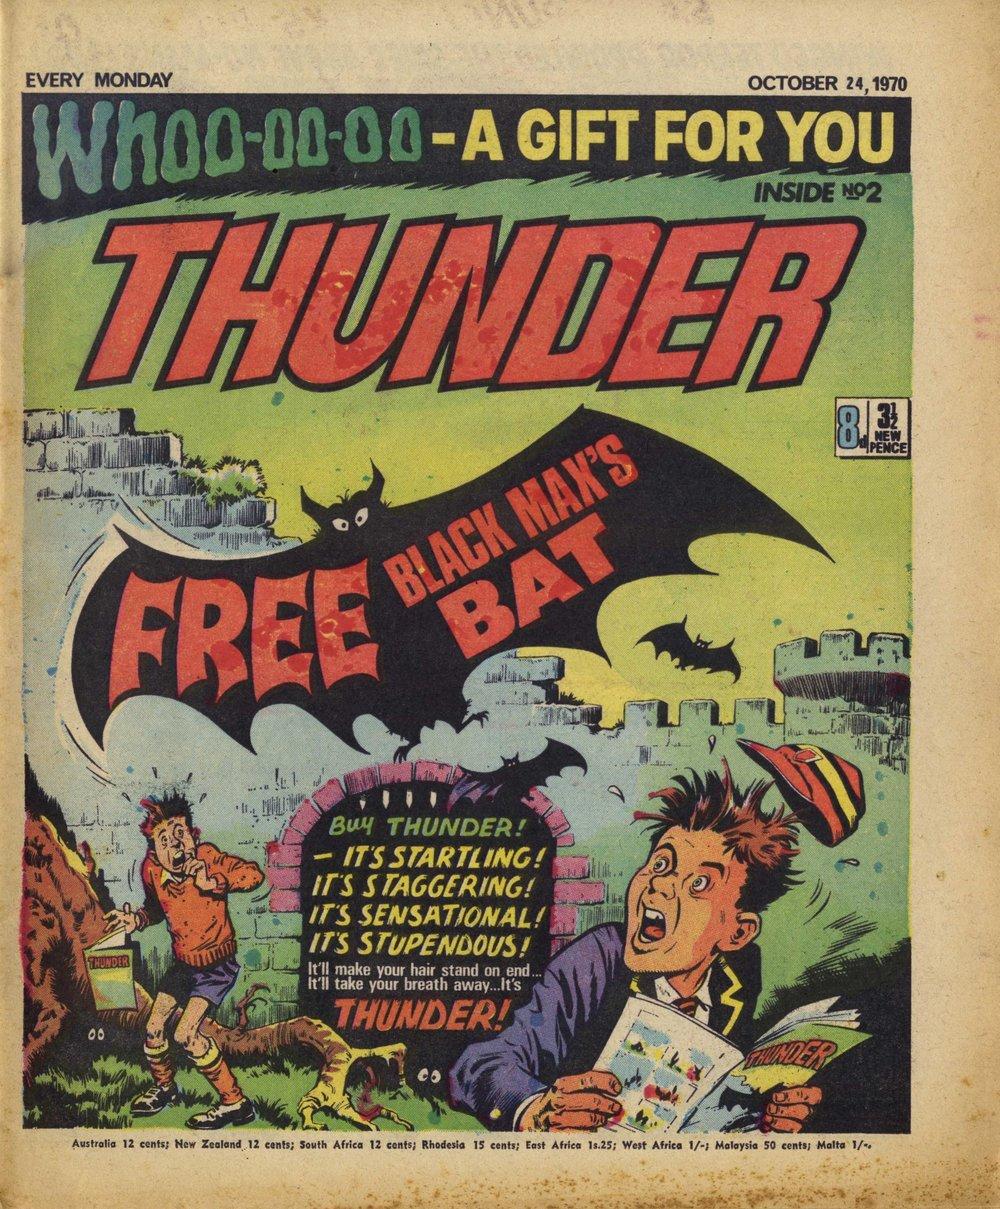 Thunder 241070 001.jpg